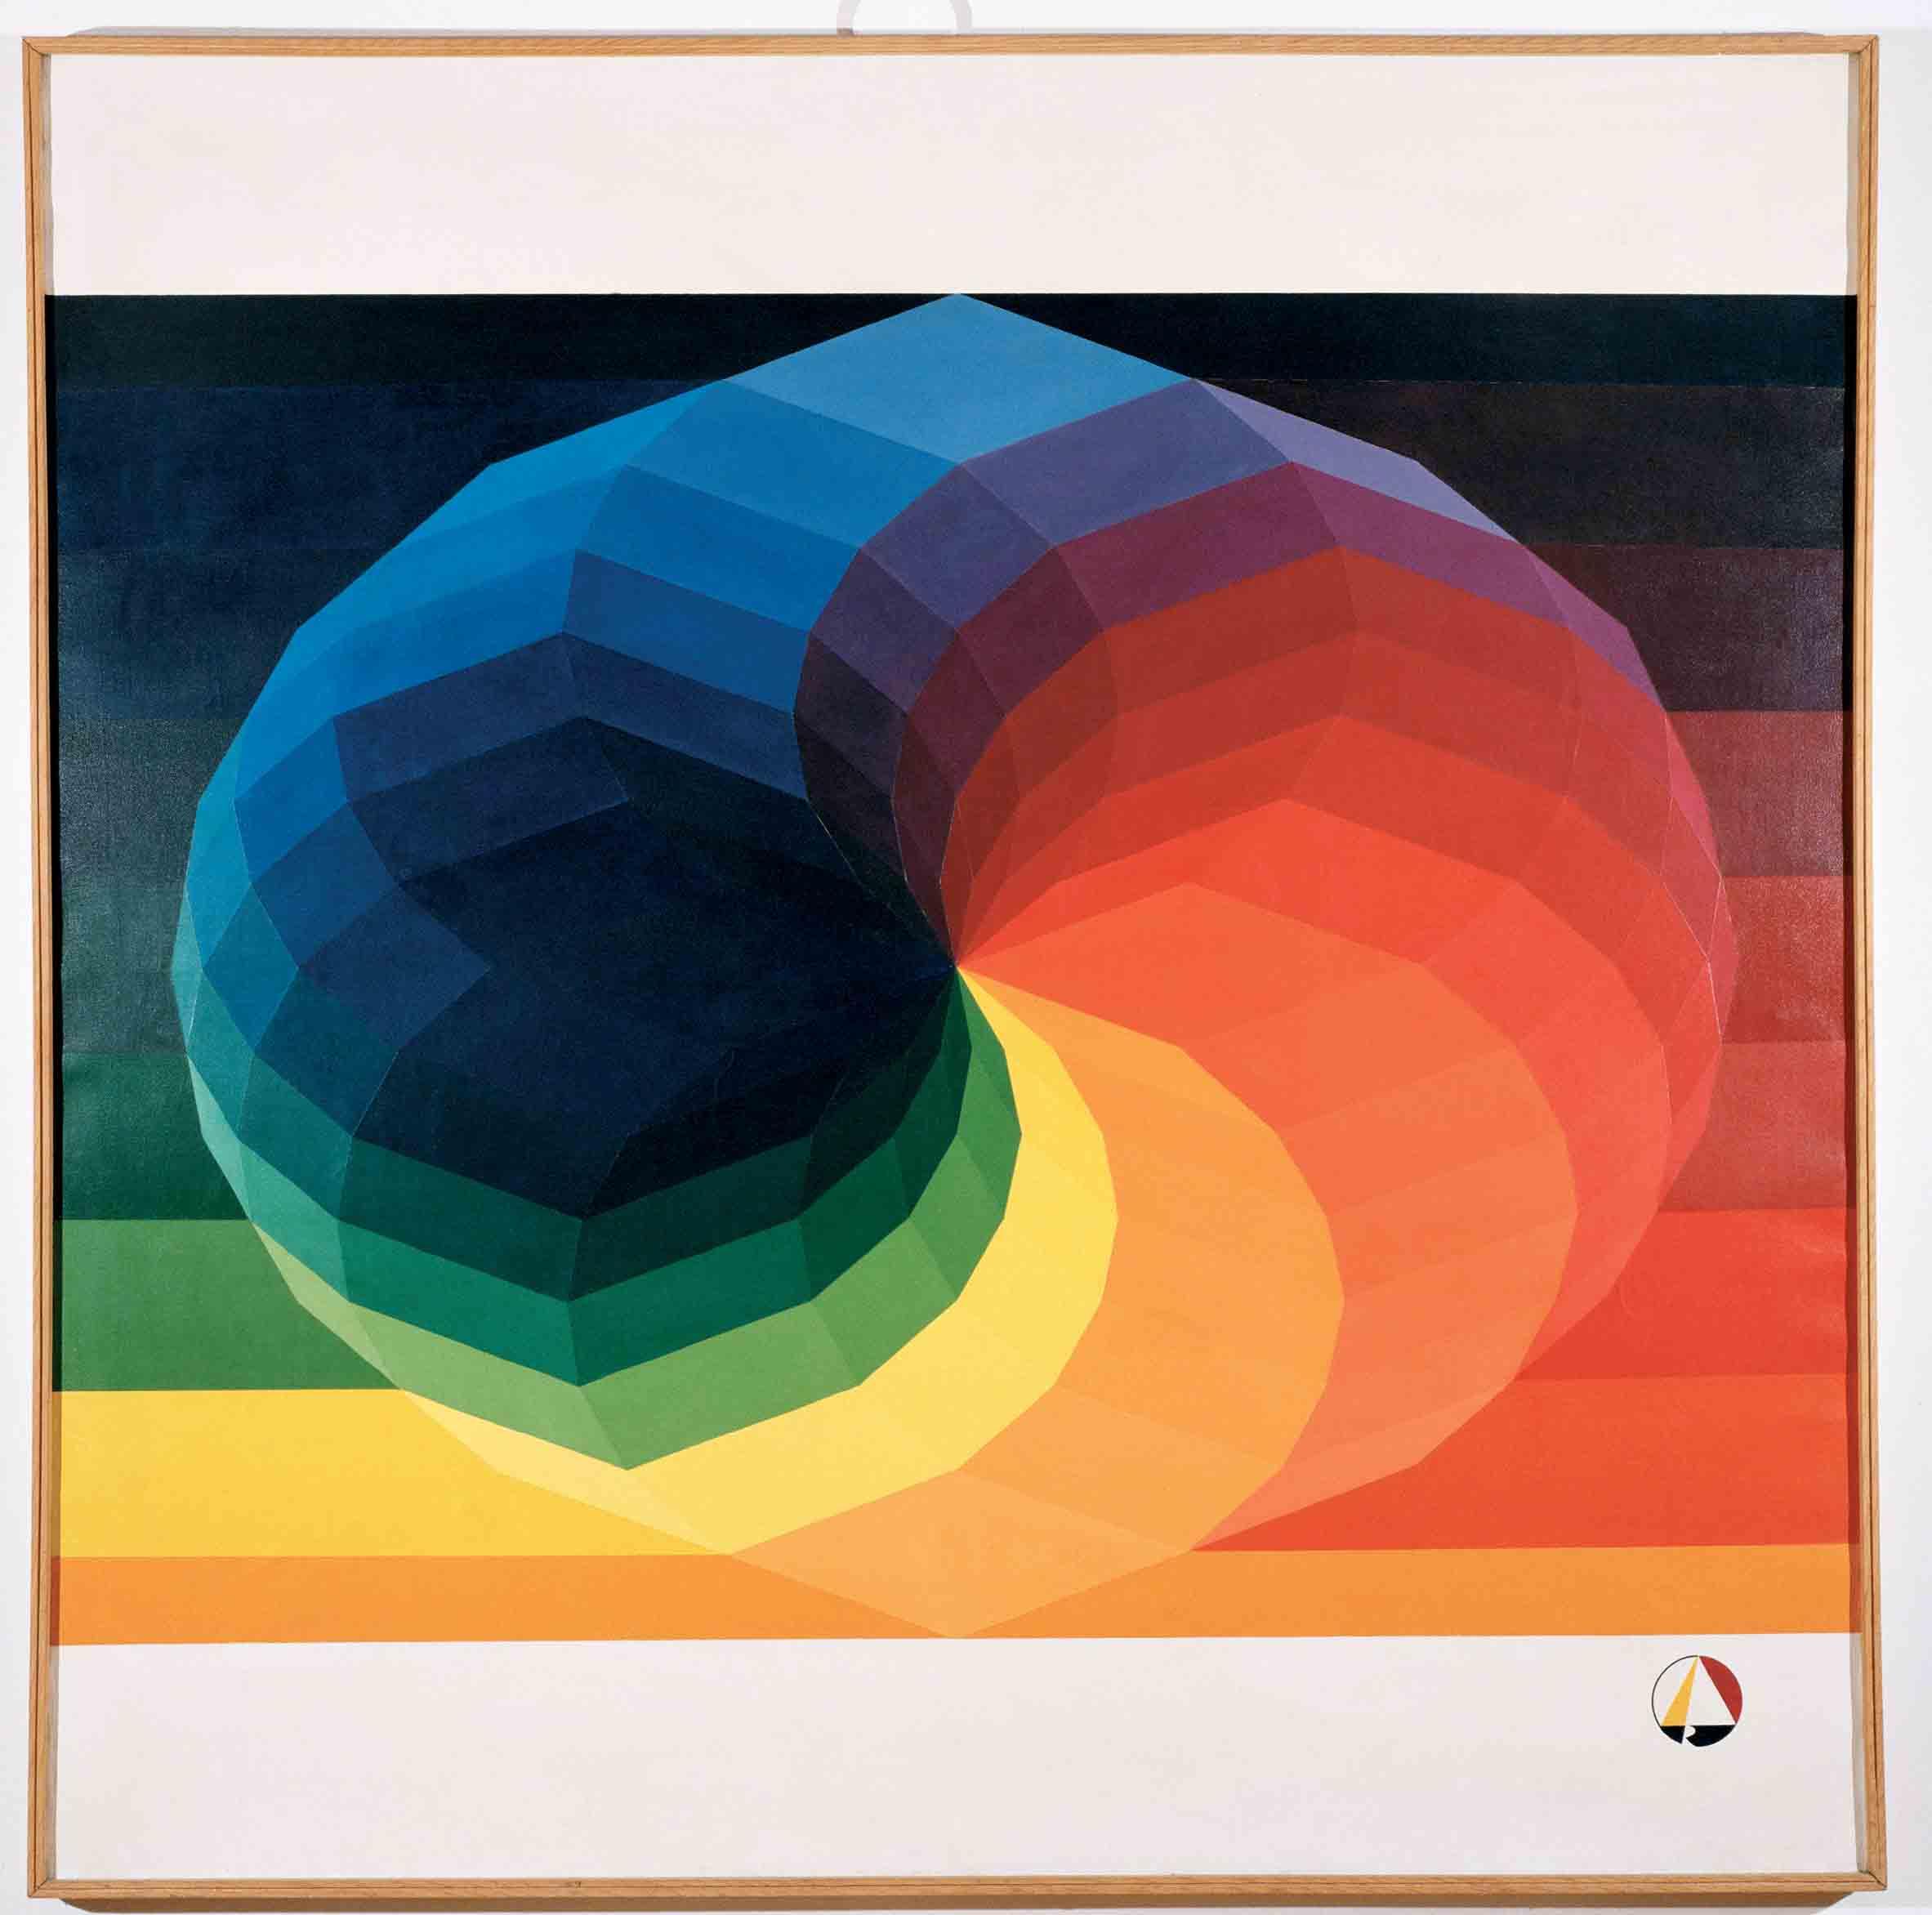 SIS 1 Sistemsko slikarstvo 1974